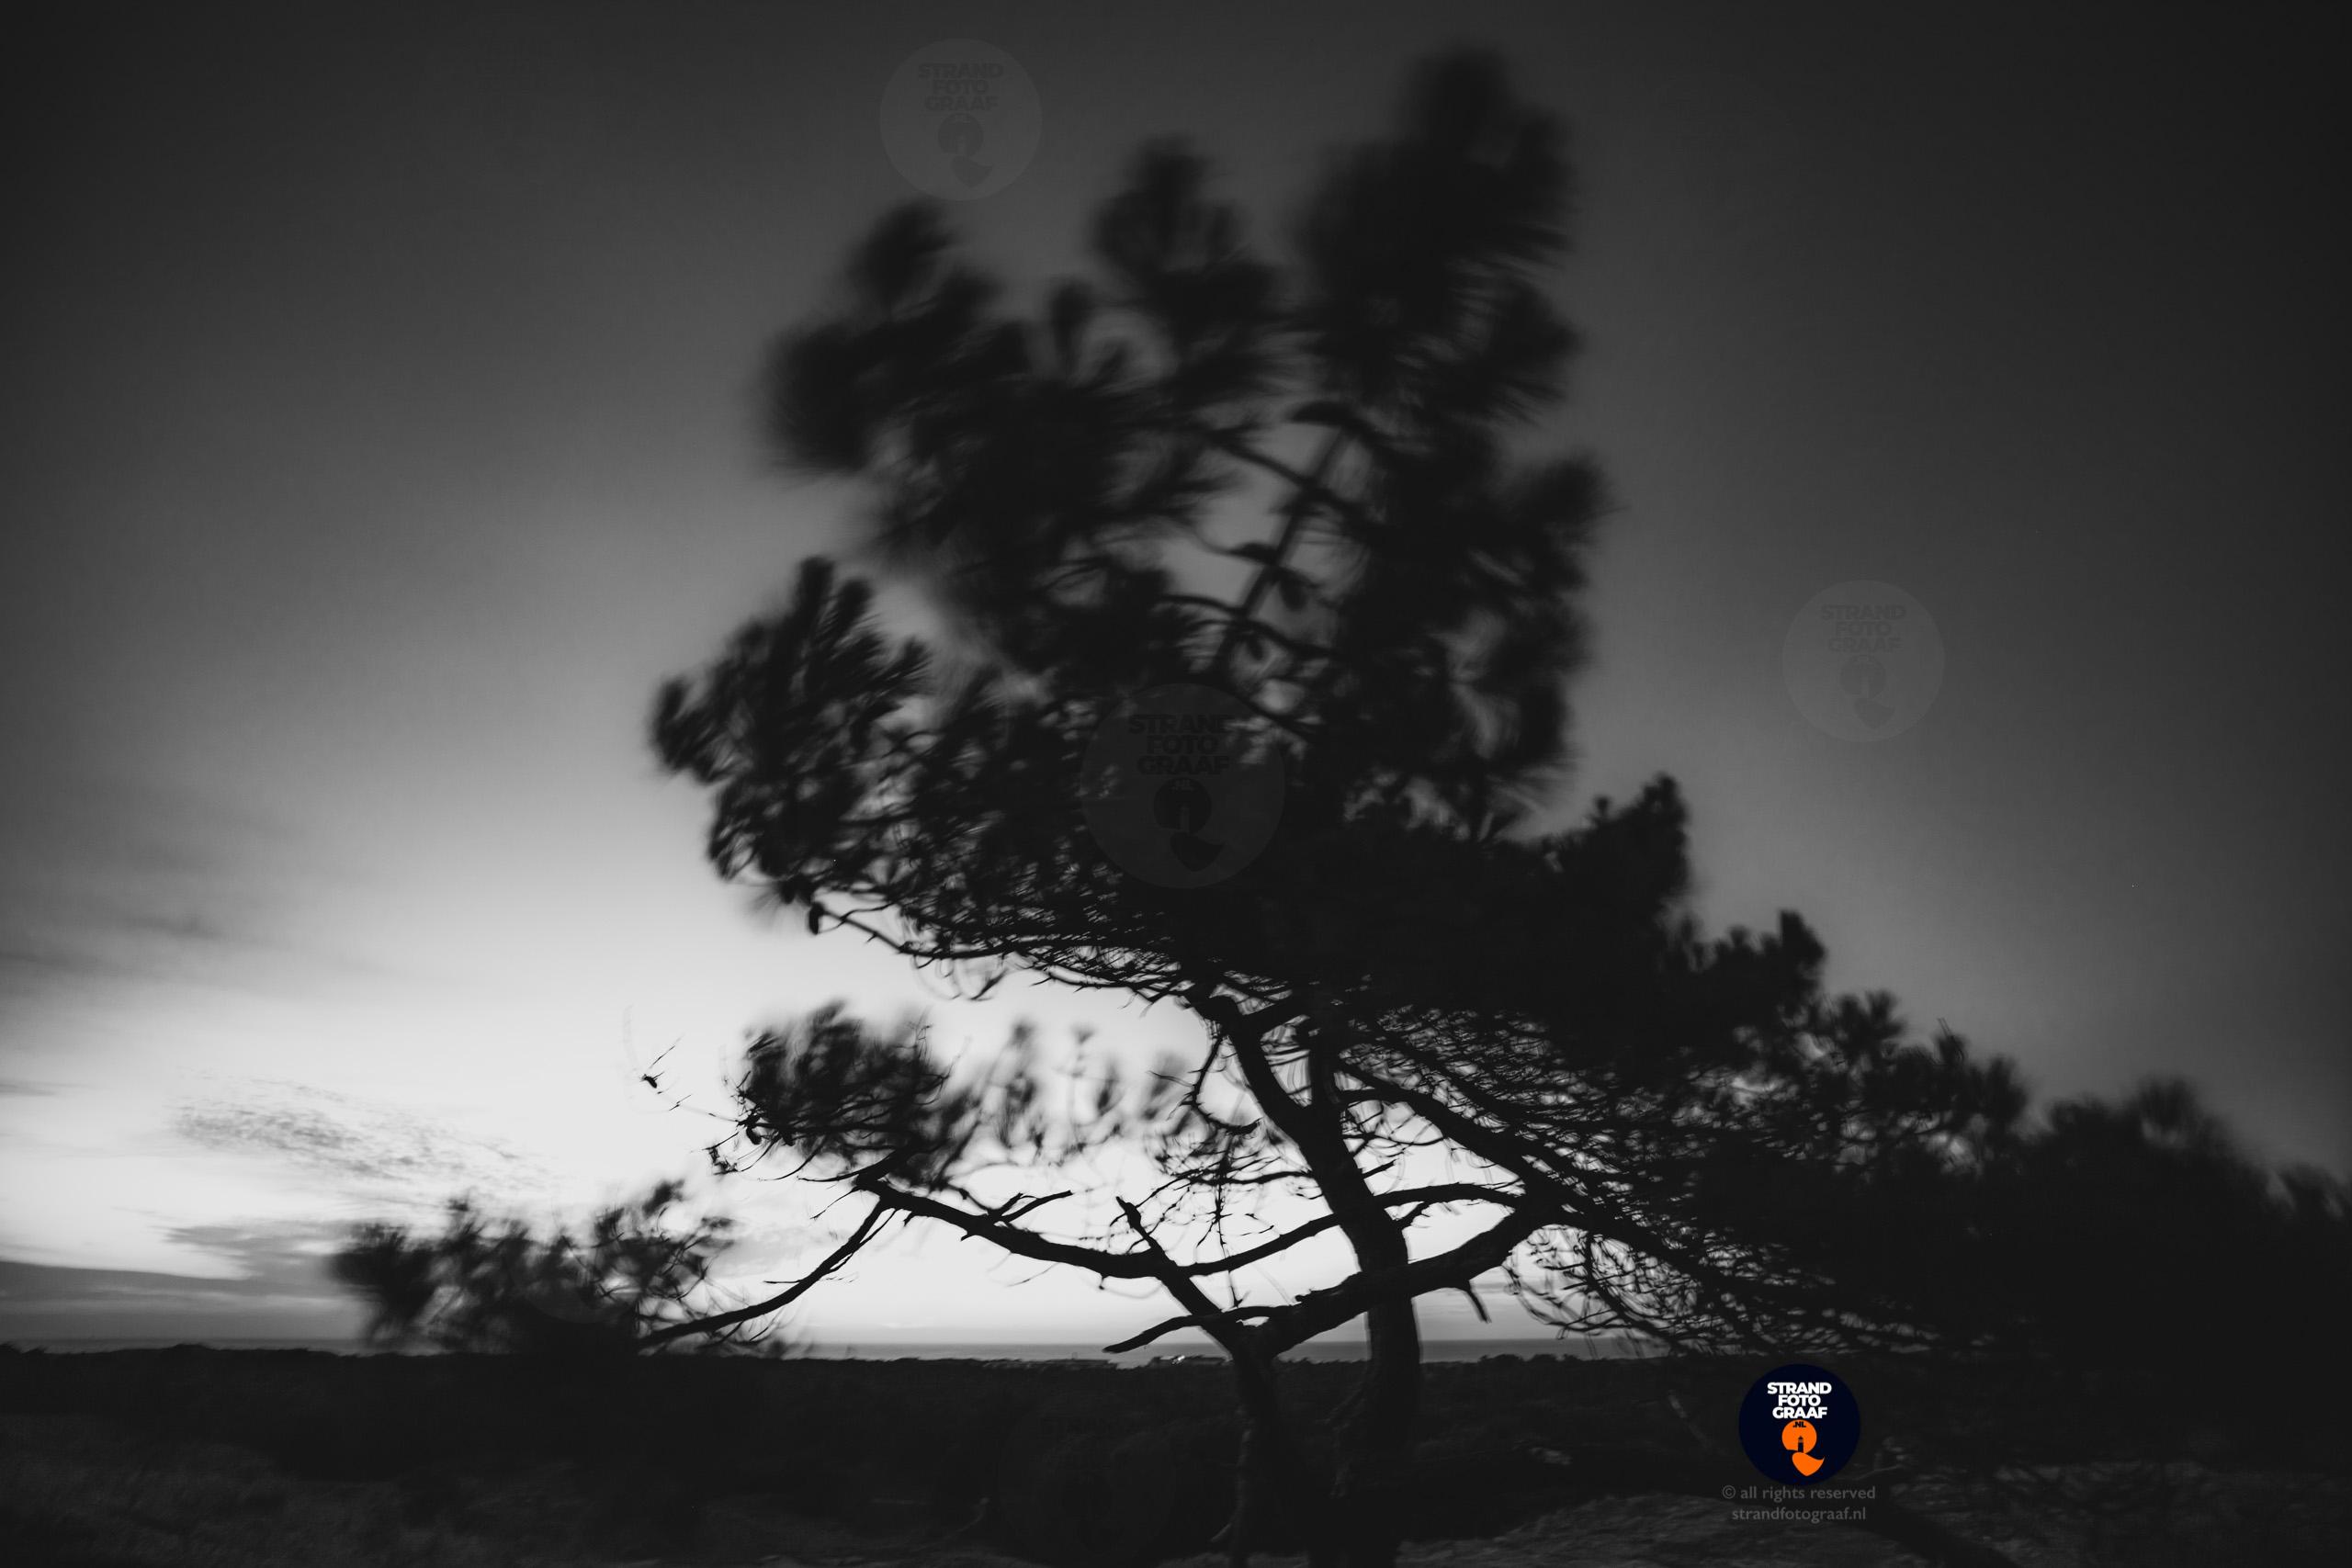 Boom op duin in de nacht - Strandfotograaf